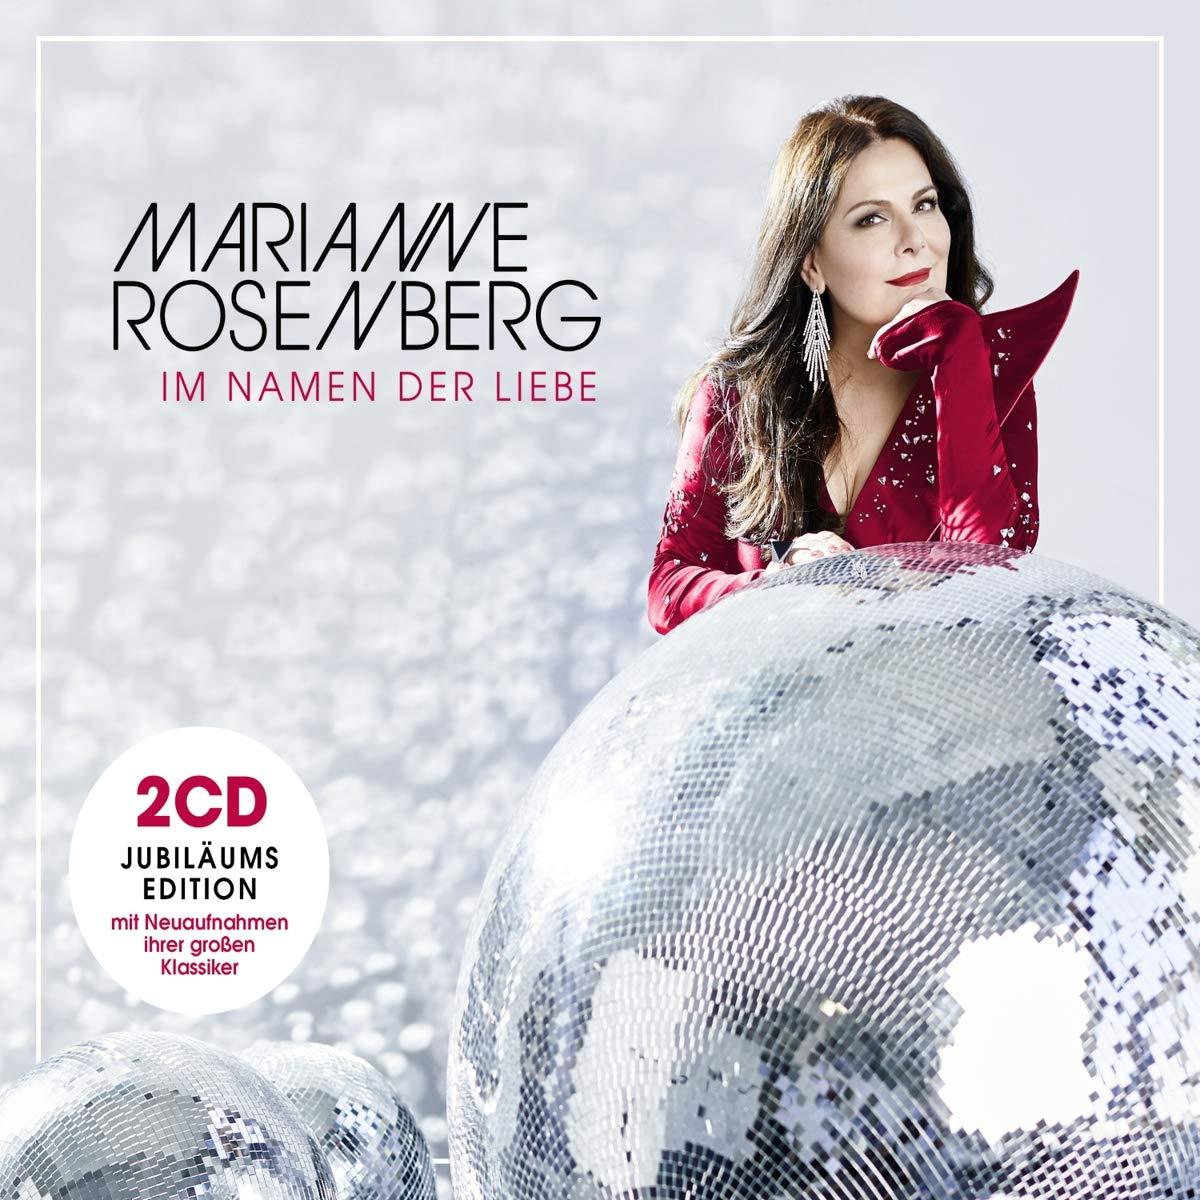 Marianne Rosenberg - Im Namen der Liebe (Jubiläums-Edition) (2020) Front